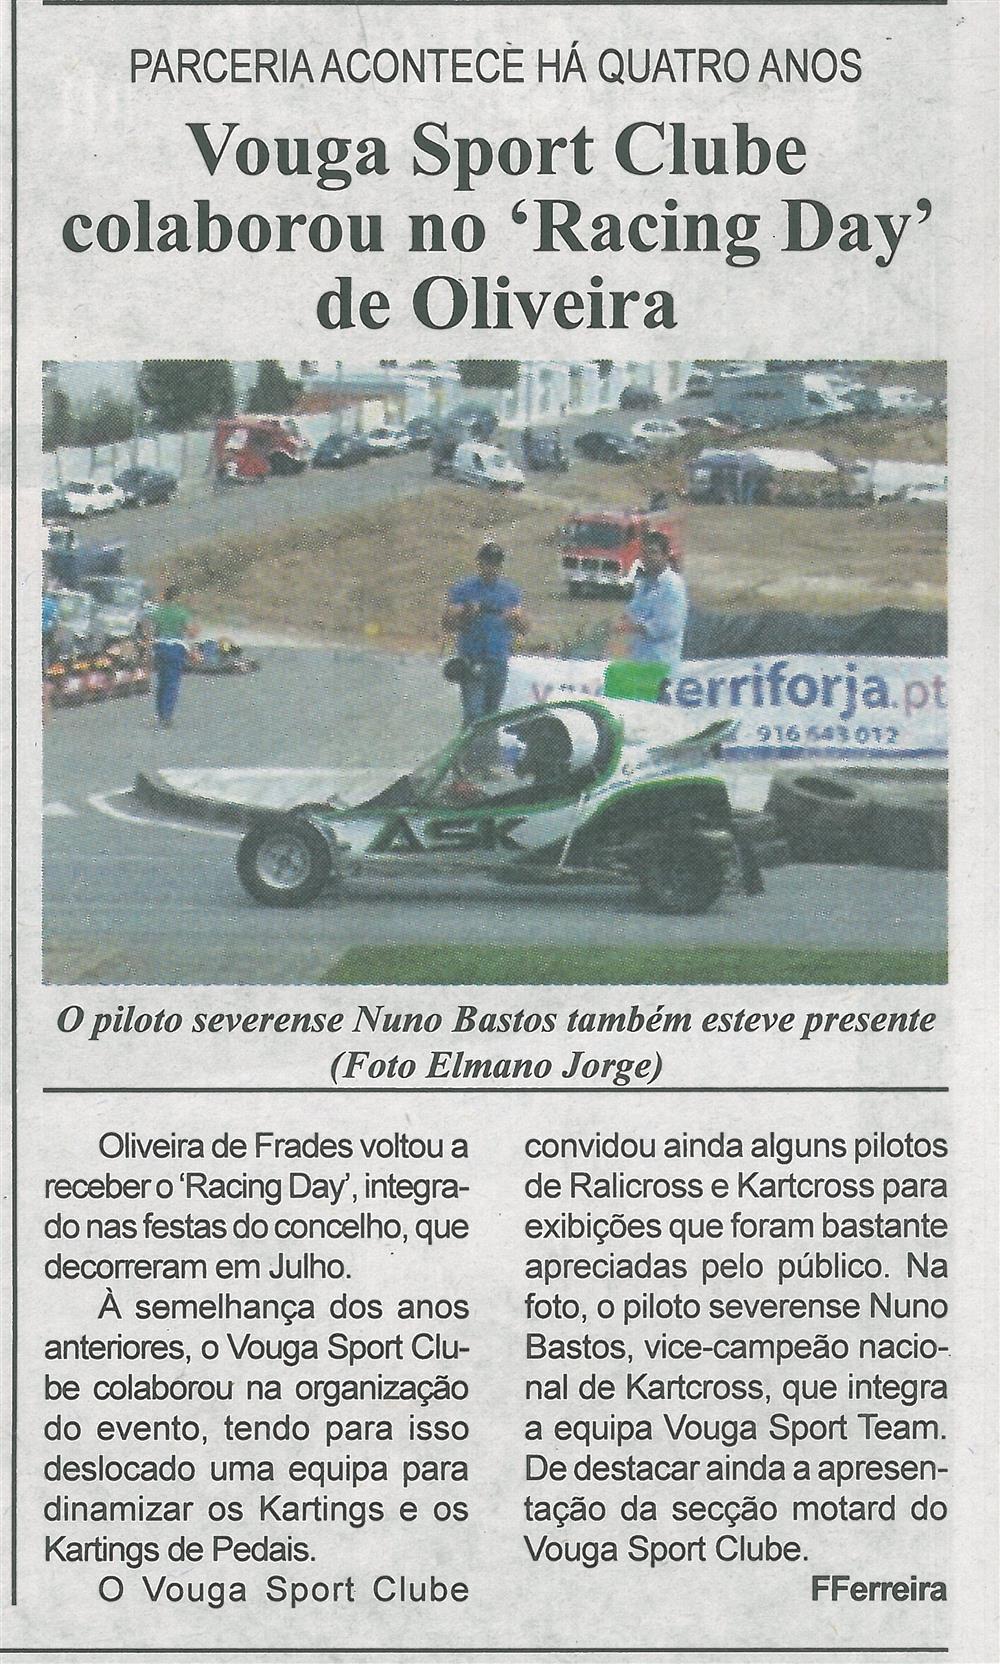 BV-1.ªago'15-p.8-Vouga Sport Clube colaborou no Racing Day de Oliveira : parceria acontece há quatro anos.jpg